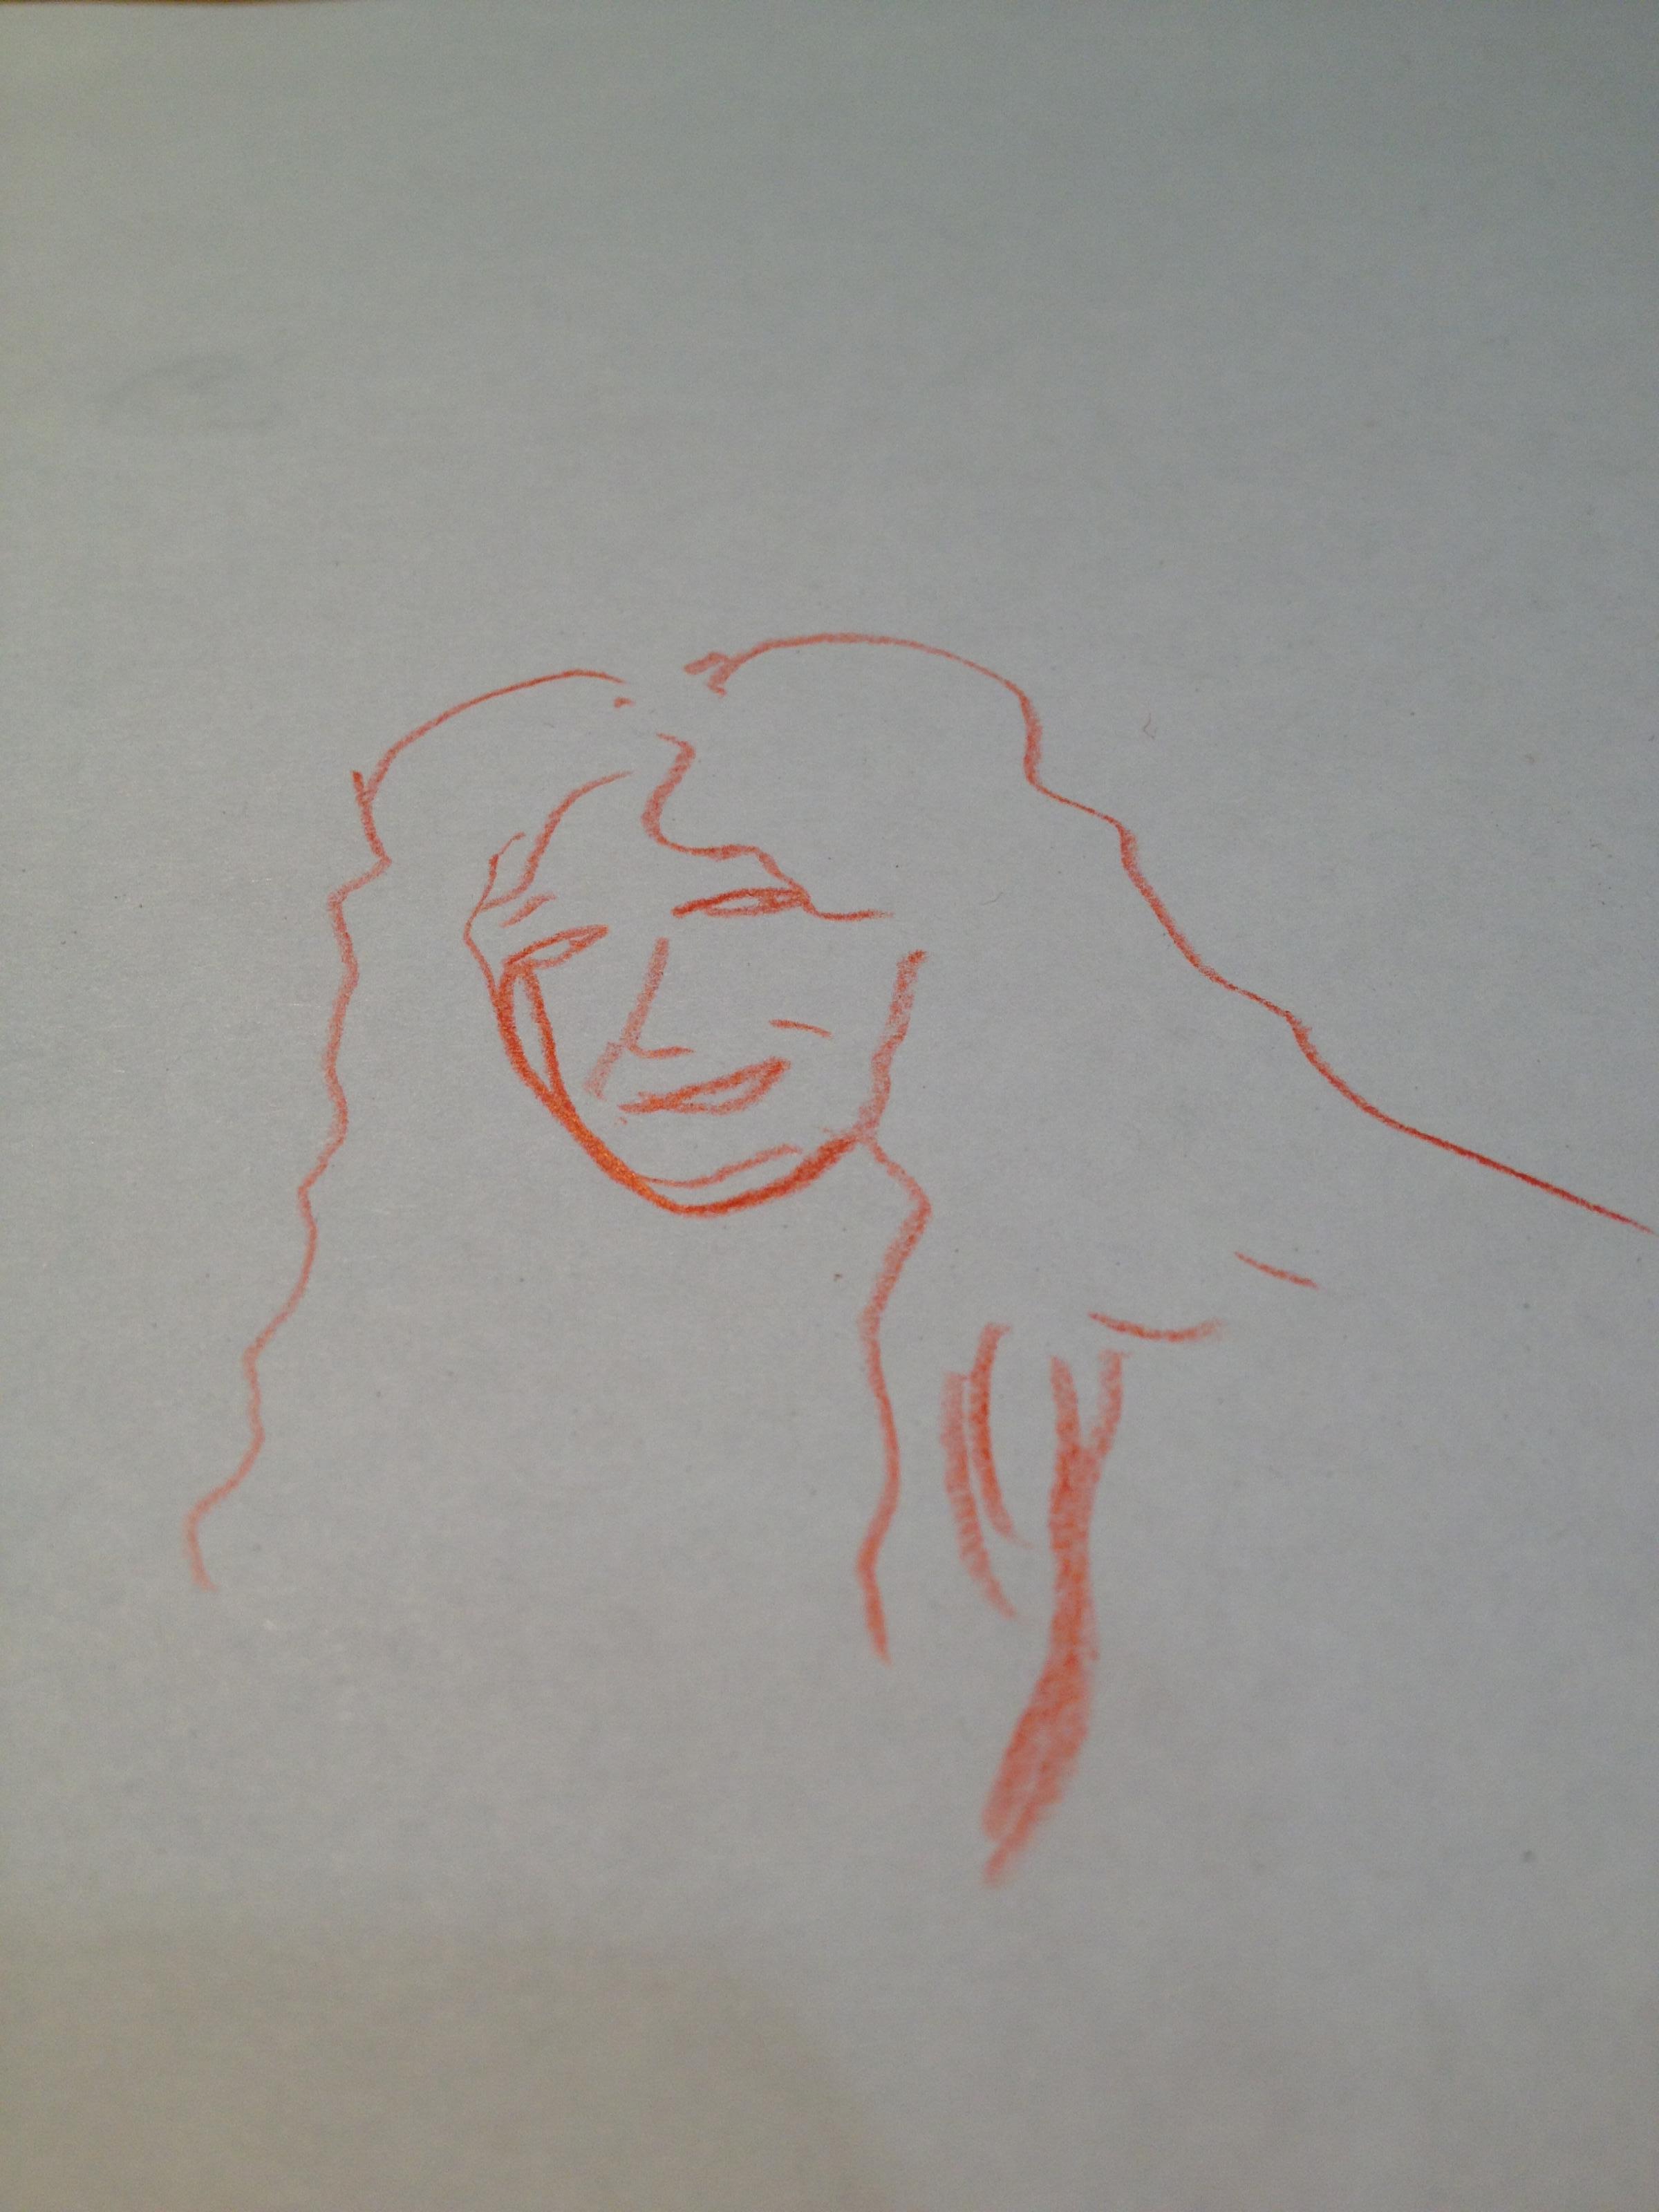 タムラ・サンティアーゴ描く小山亜紀